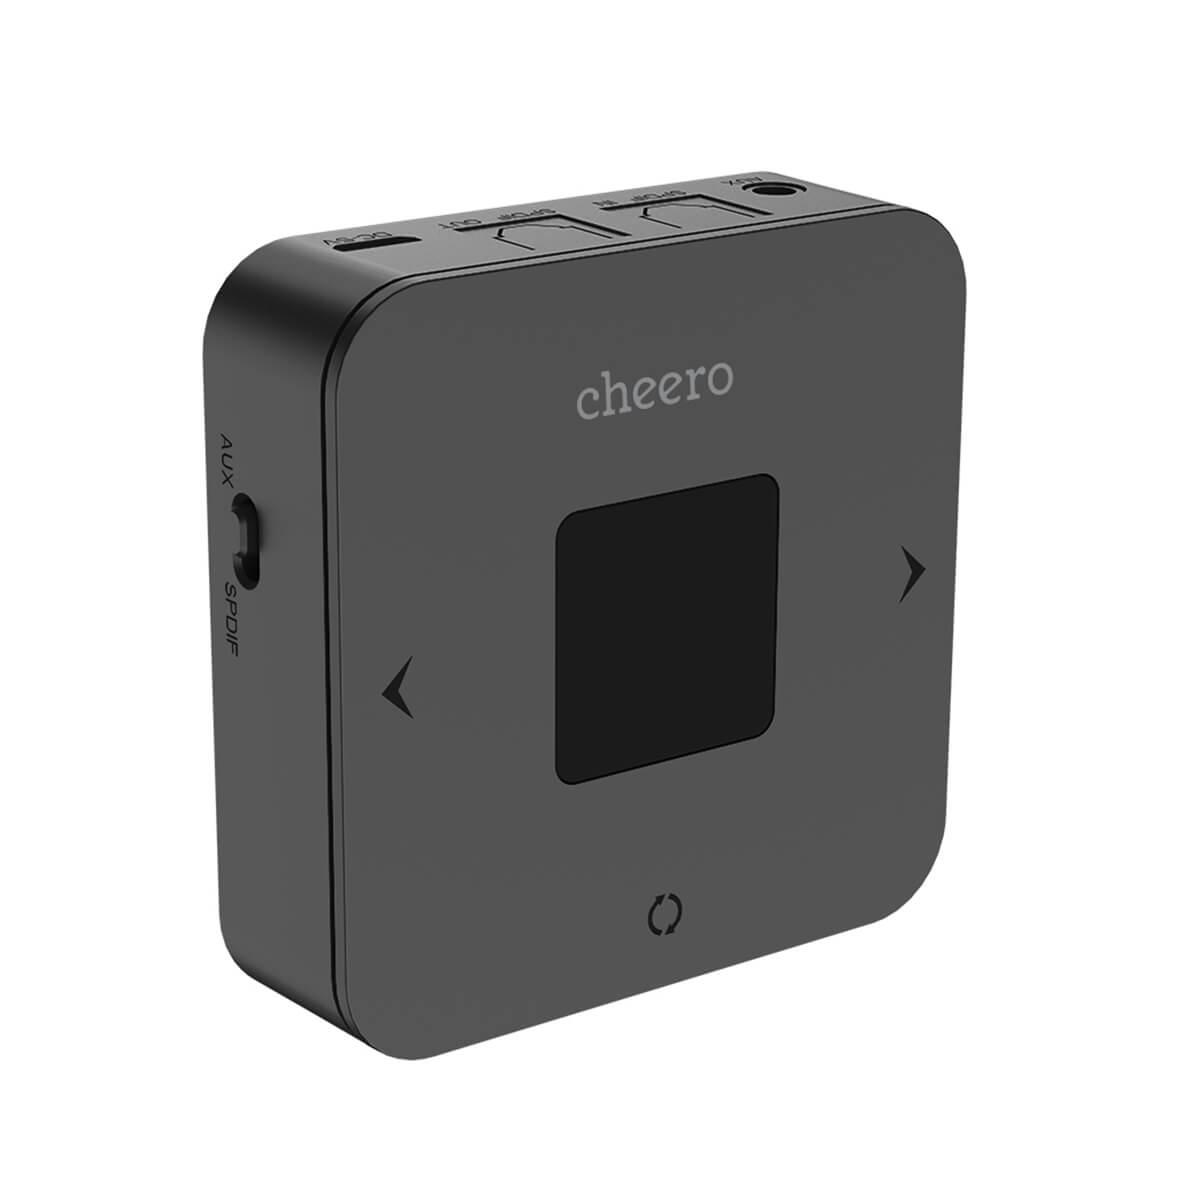 CHE-633